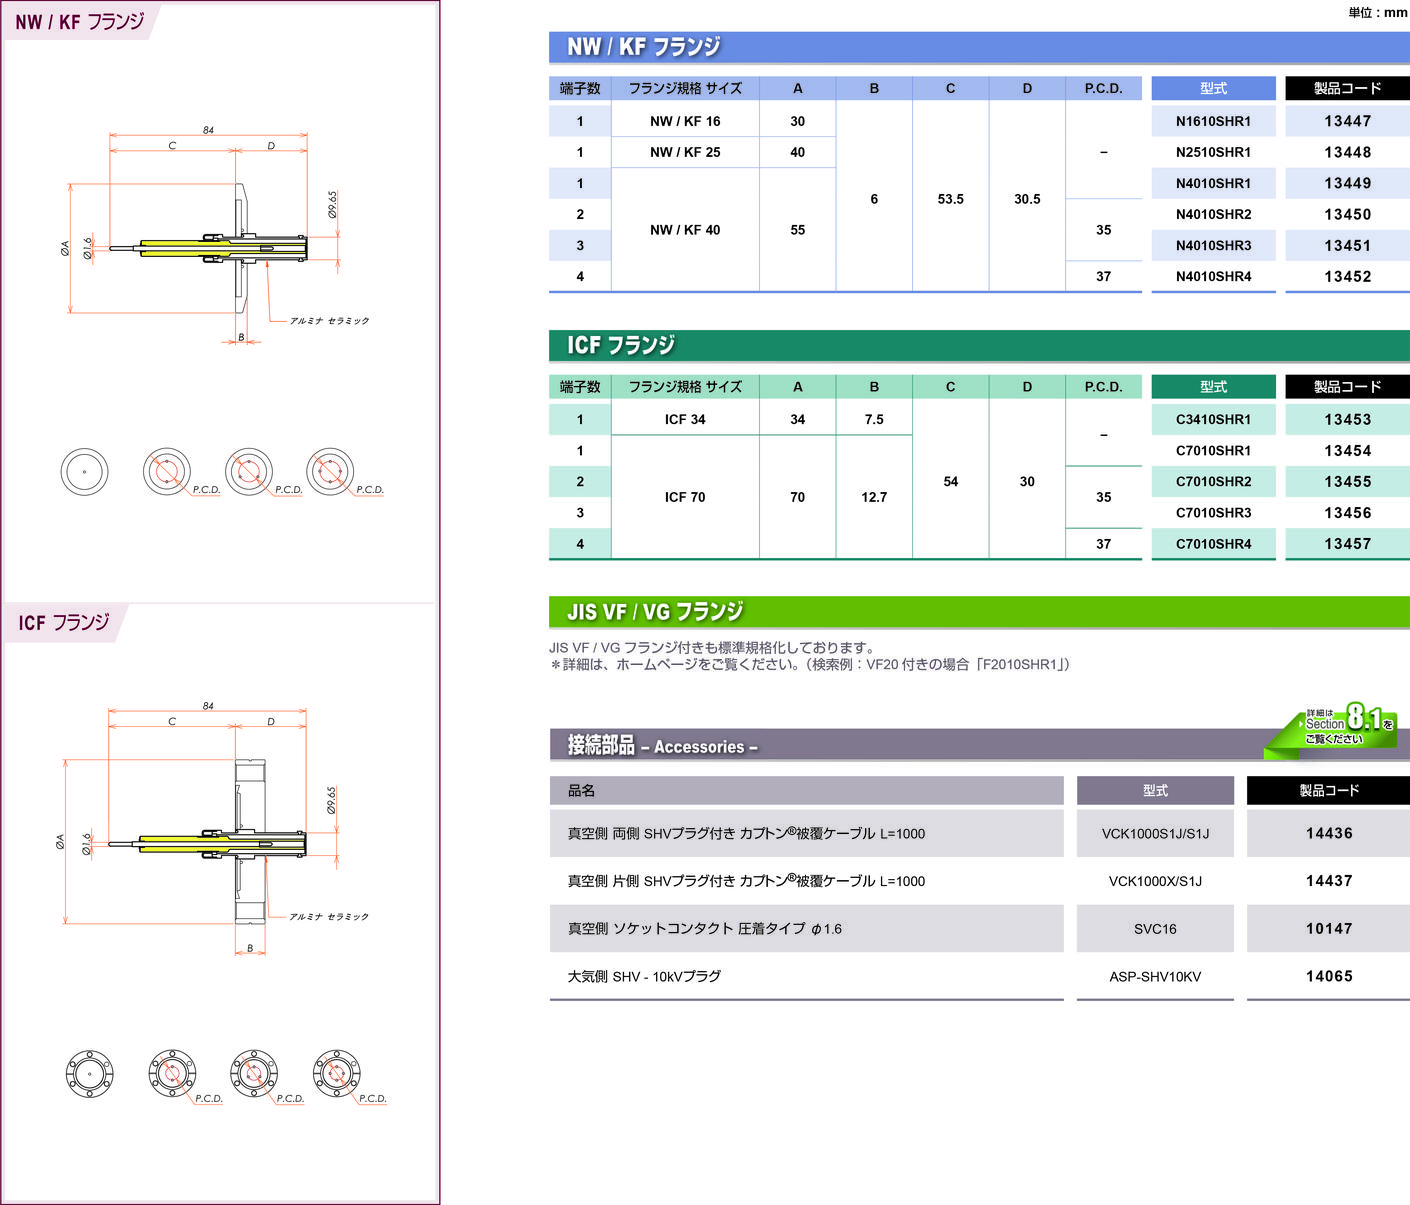 同軸 10kV-SHV-R 1個付き ICF34 フランジ カタログ画像